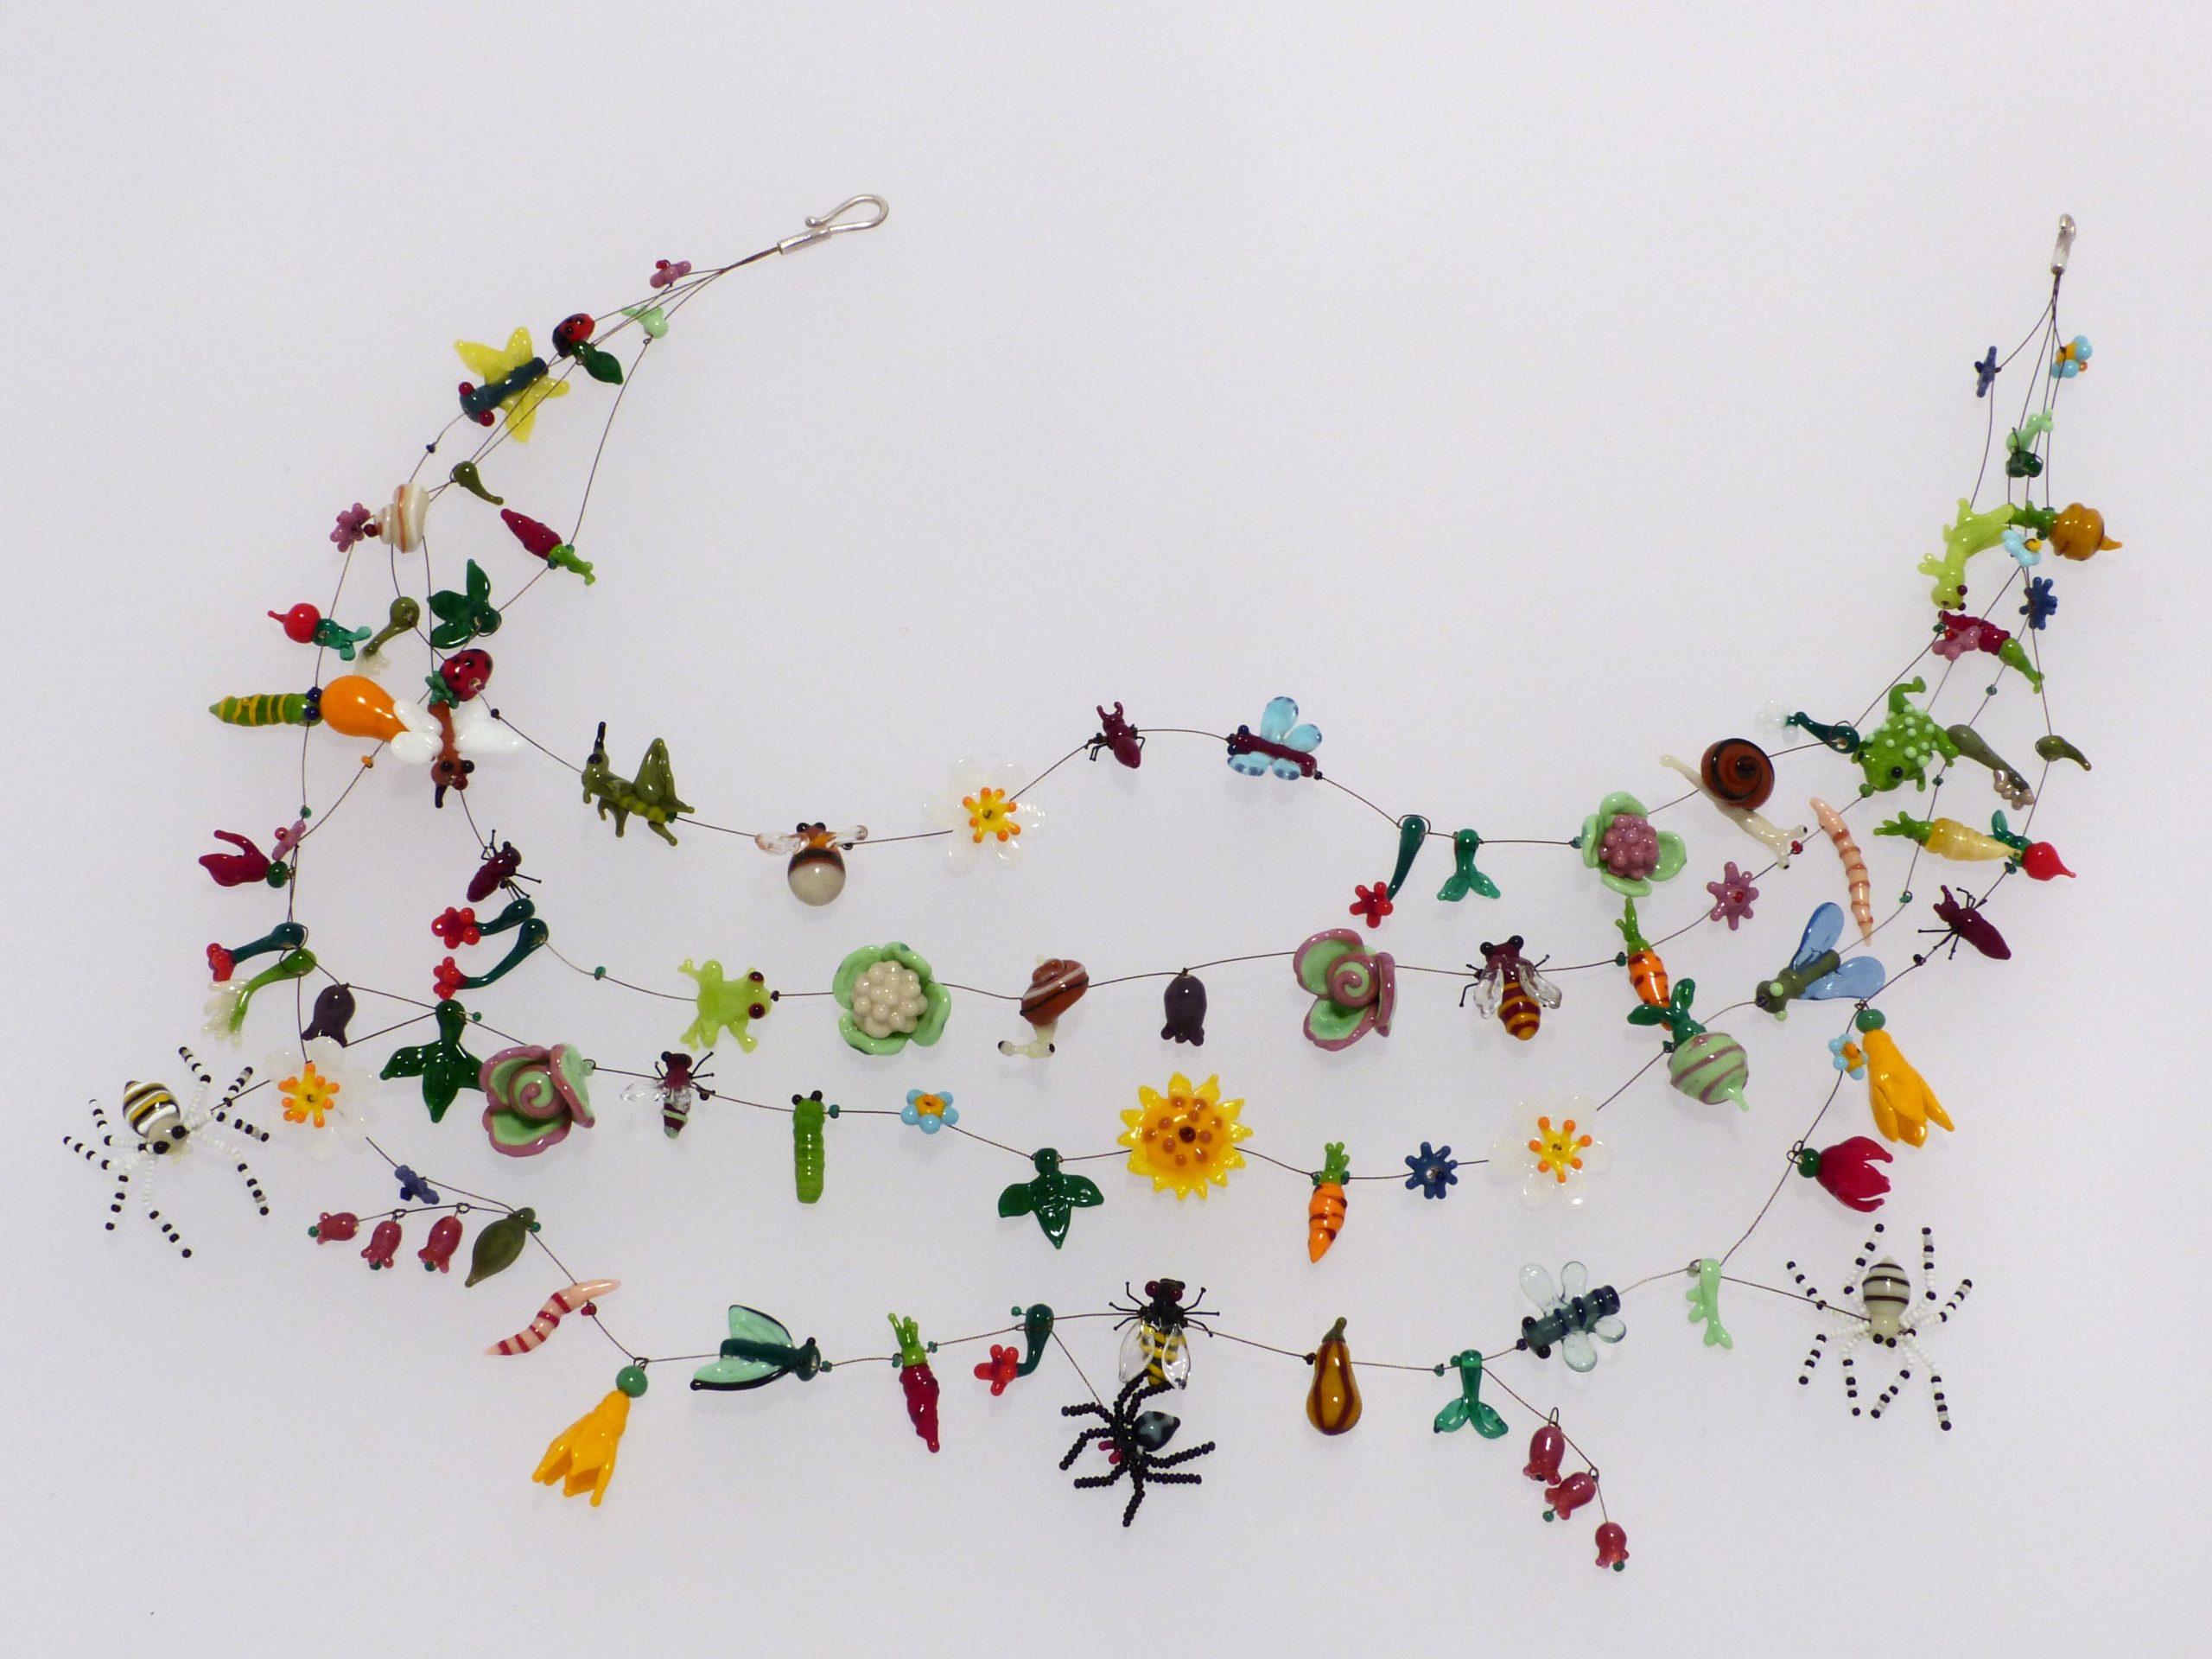 Artenvielfalt | 4 Str., Glas Stahlseil, Silber, Nylon | xxx980-19